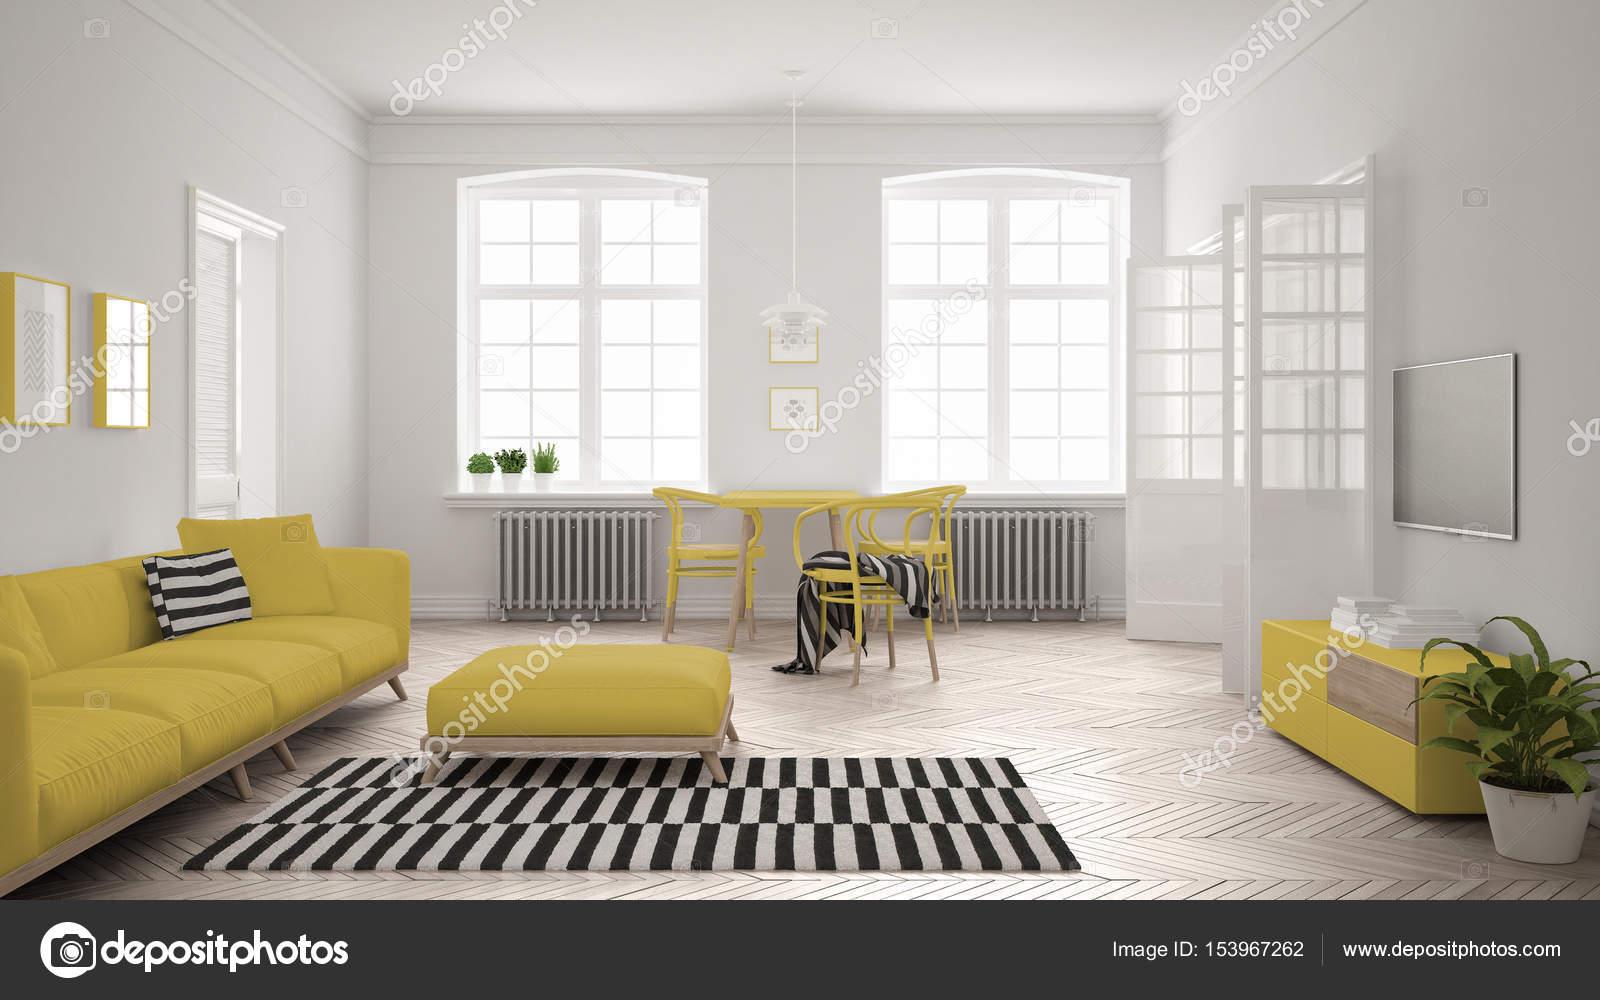 Großartig Sofa Scandi Das Beste Von Bright Minimalist Living Room With And Dining